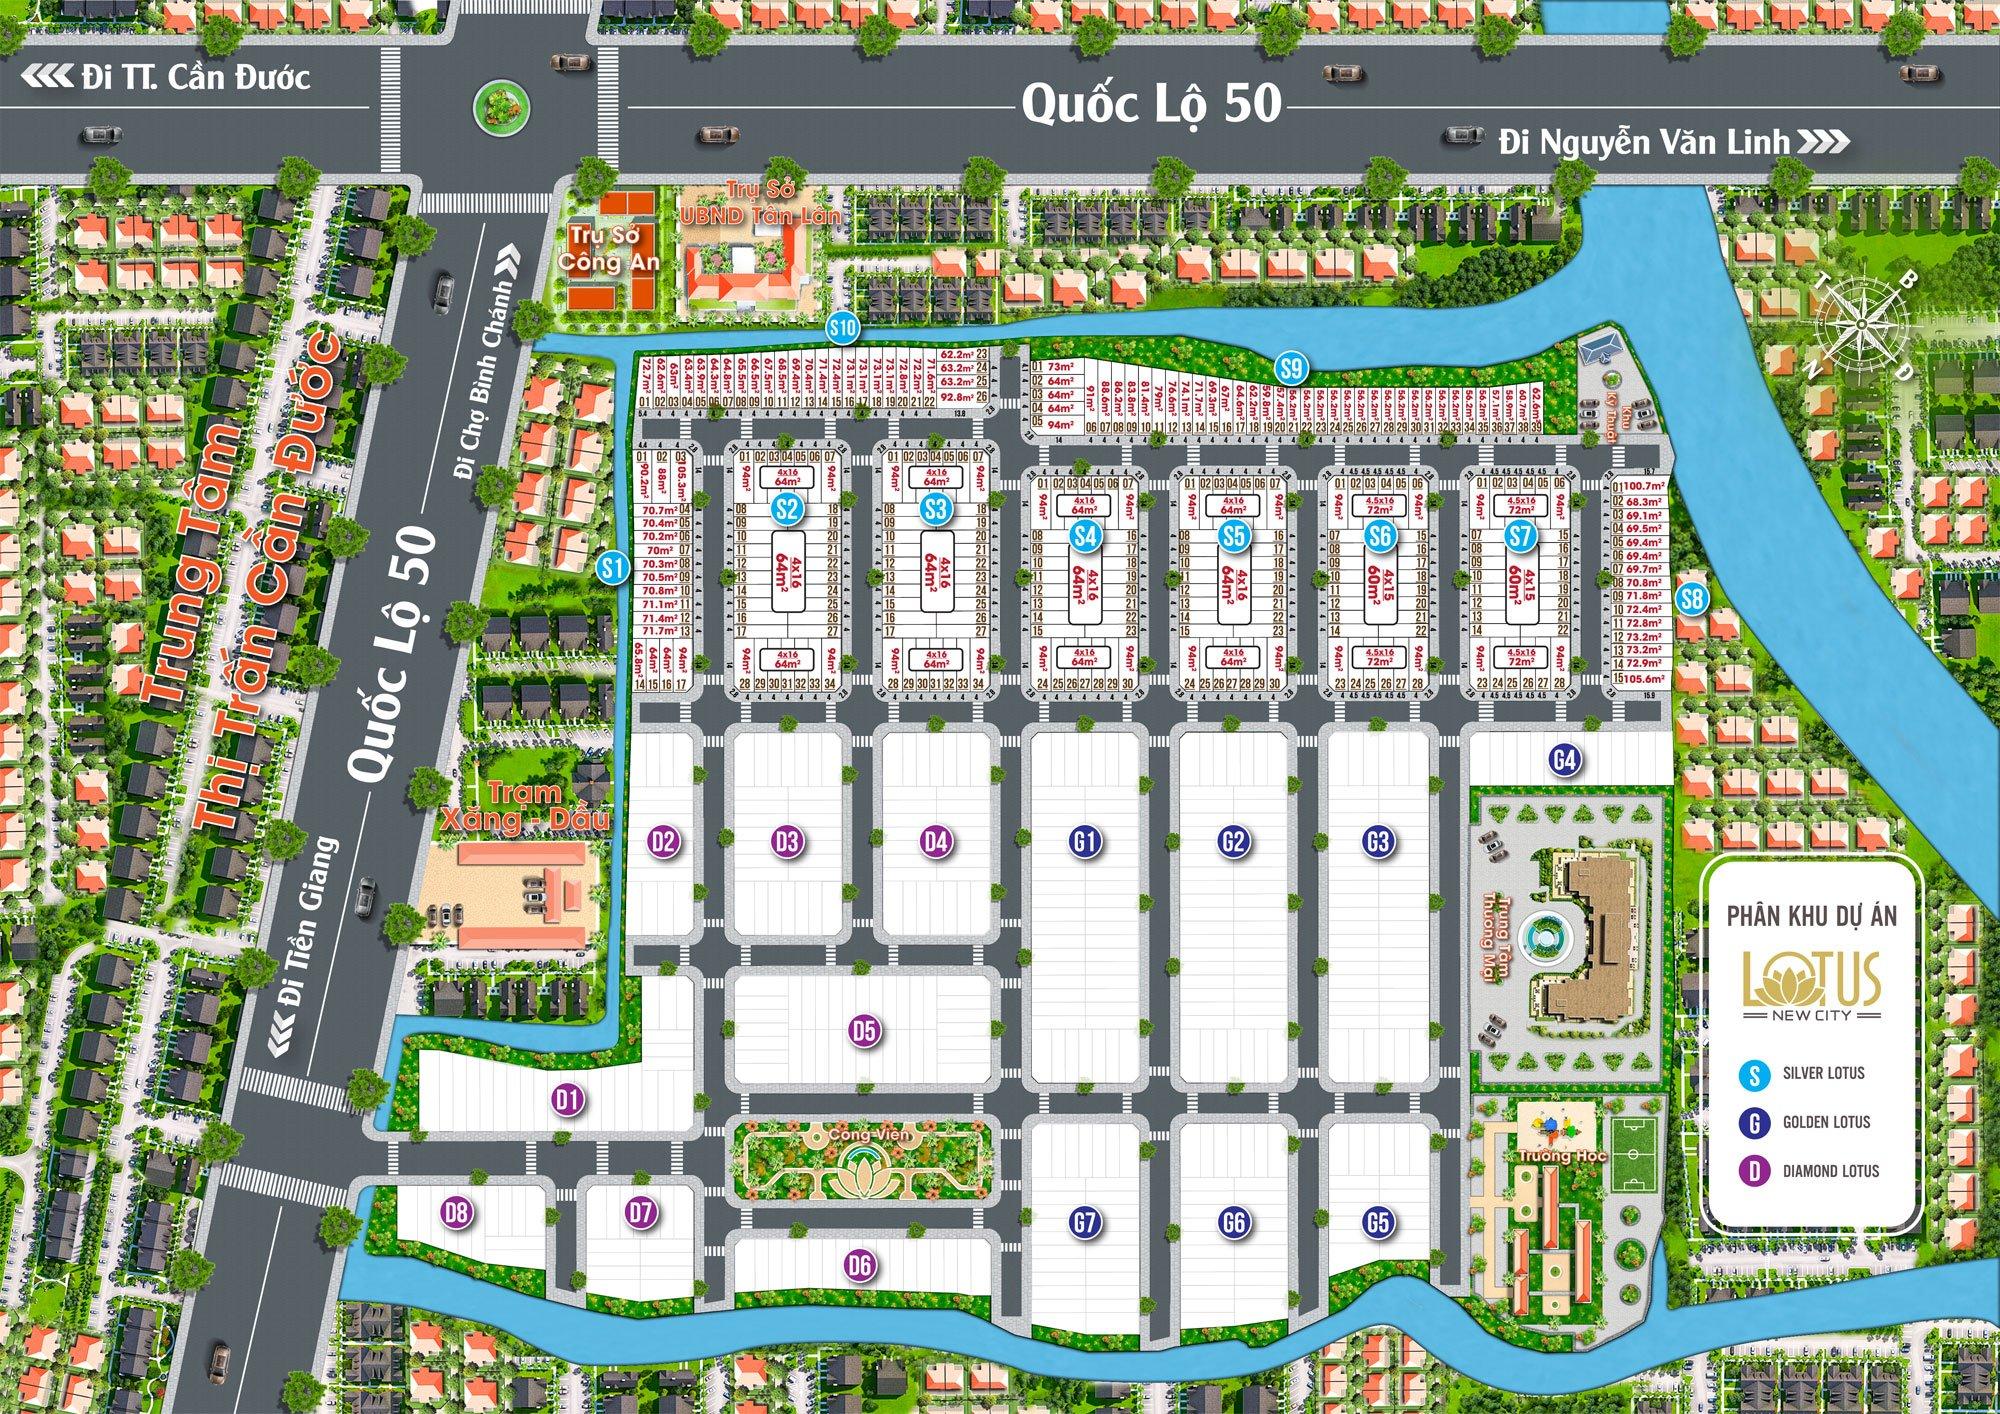 Mặt bằng phân lô Dự án Lotus New City Cần Đước Long An